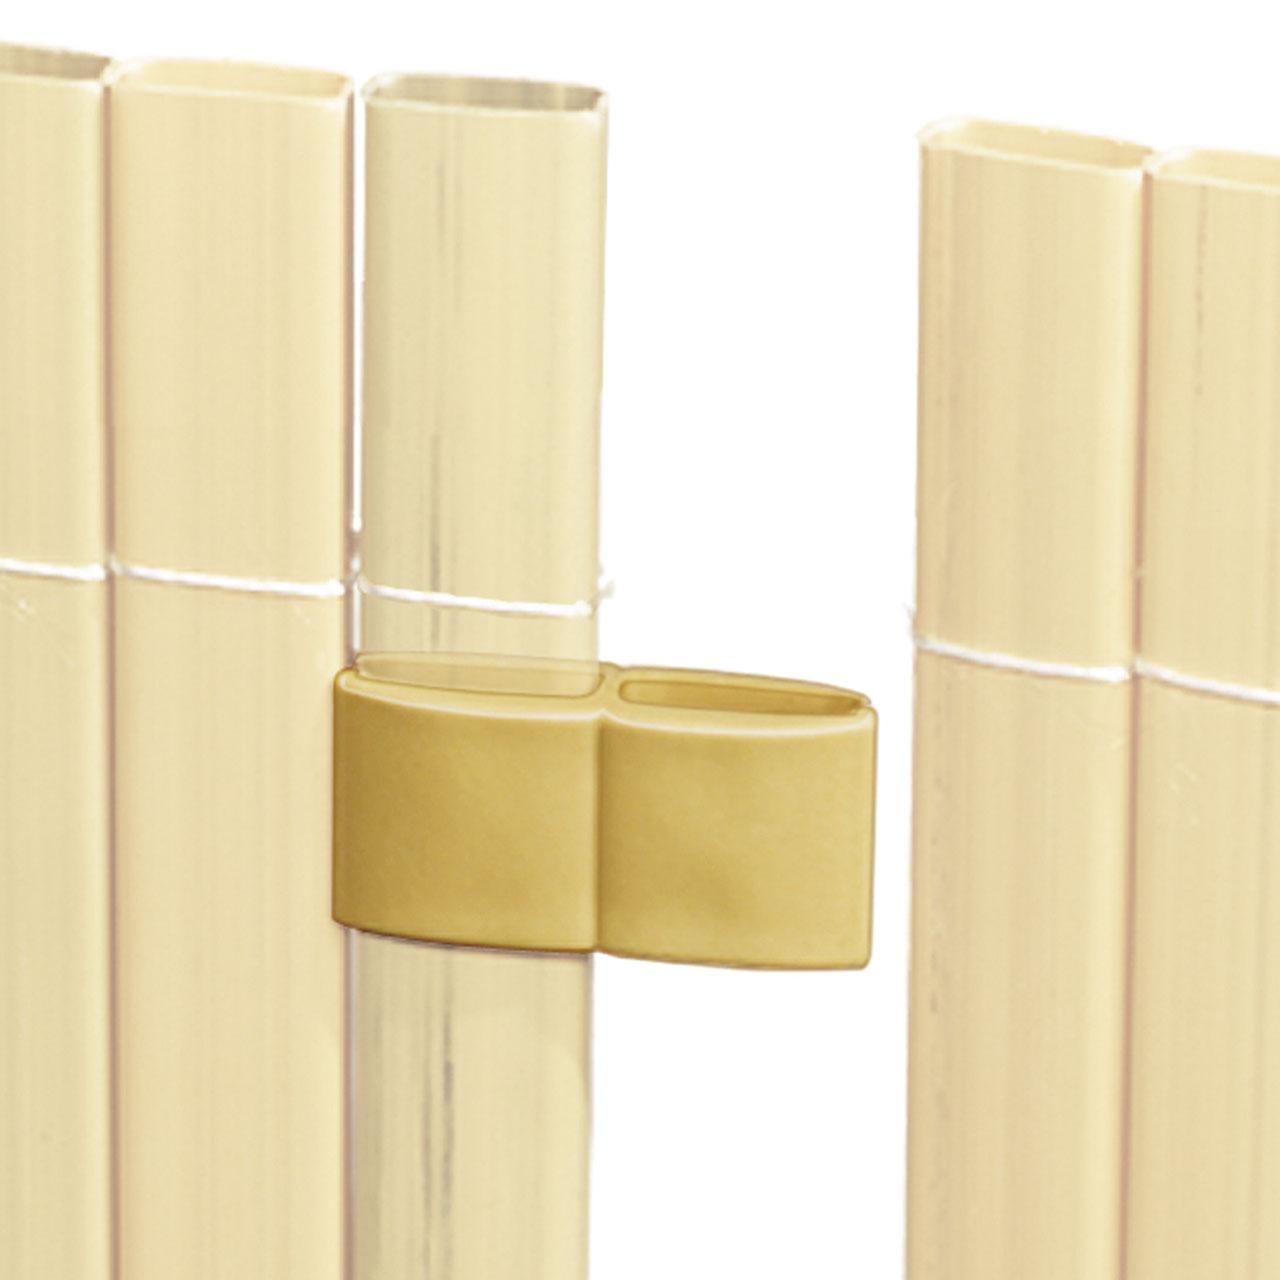 mattenverbinder f r sichtschutzmatte r gen bambus. Black Bedroom Furniture Sets. Home Design Ideas